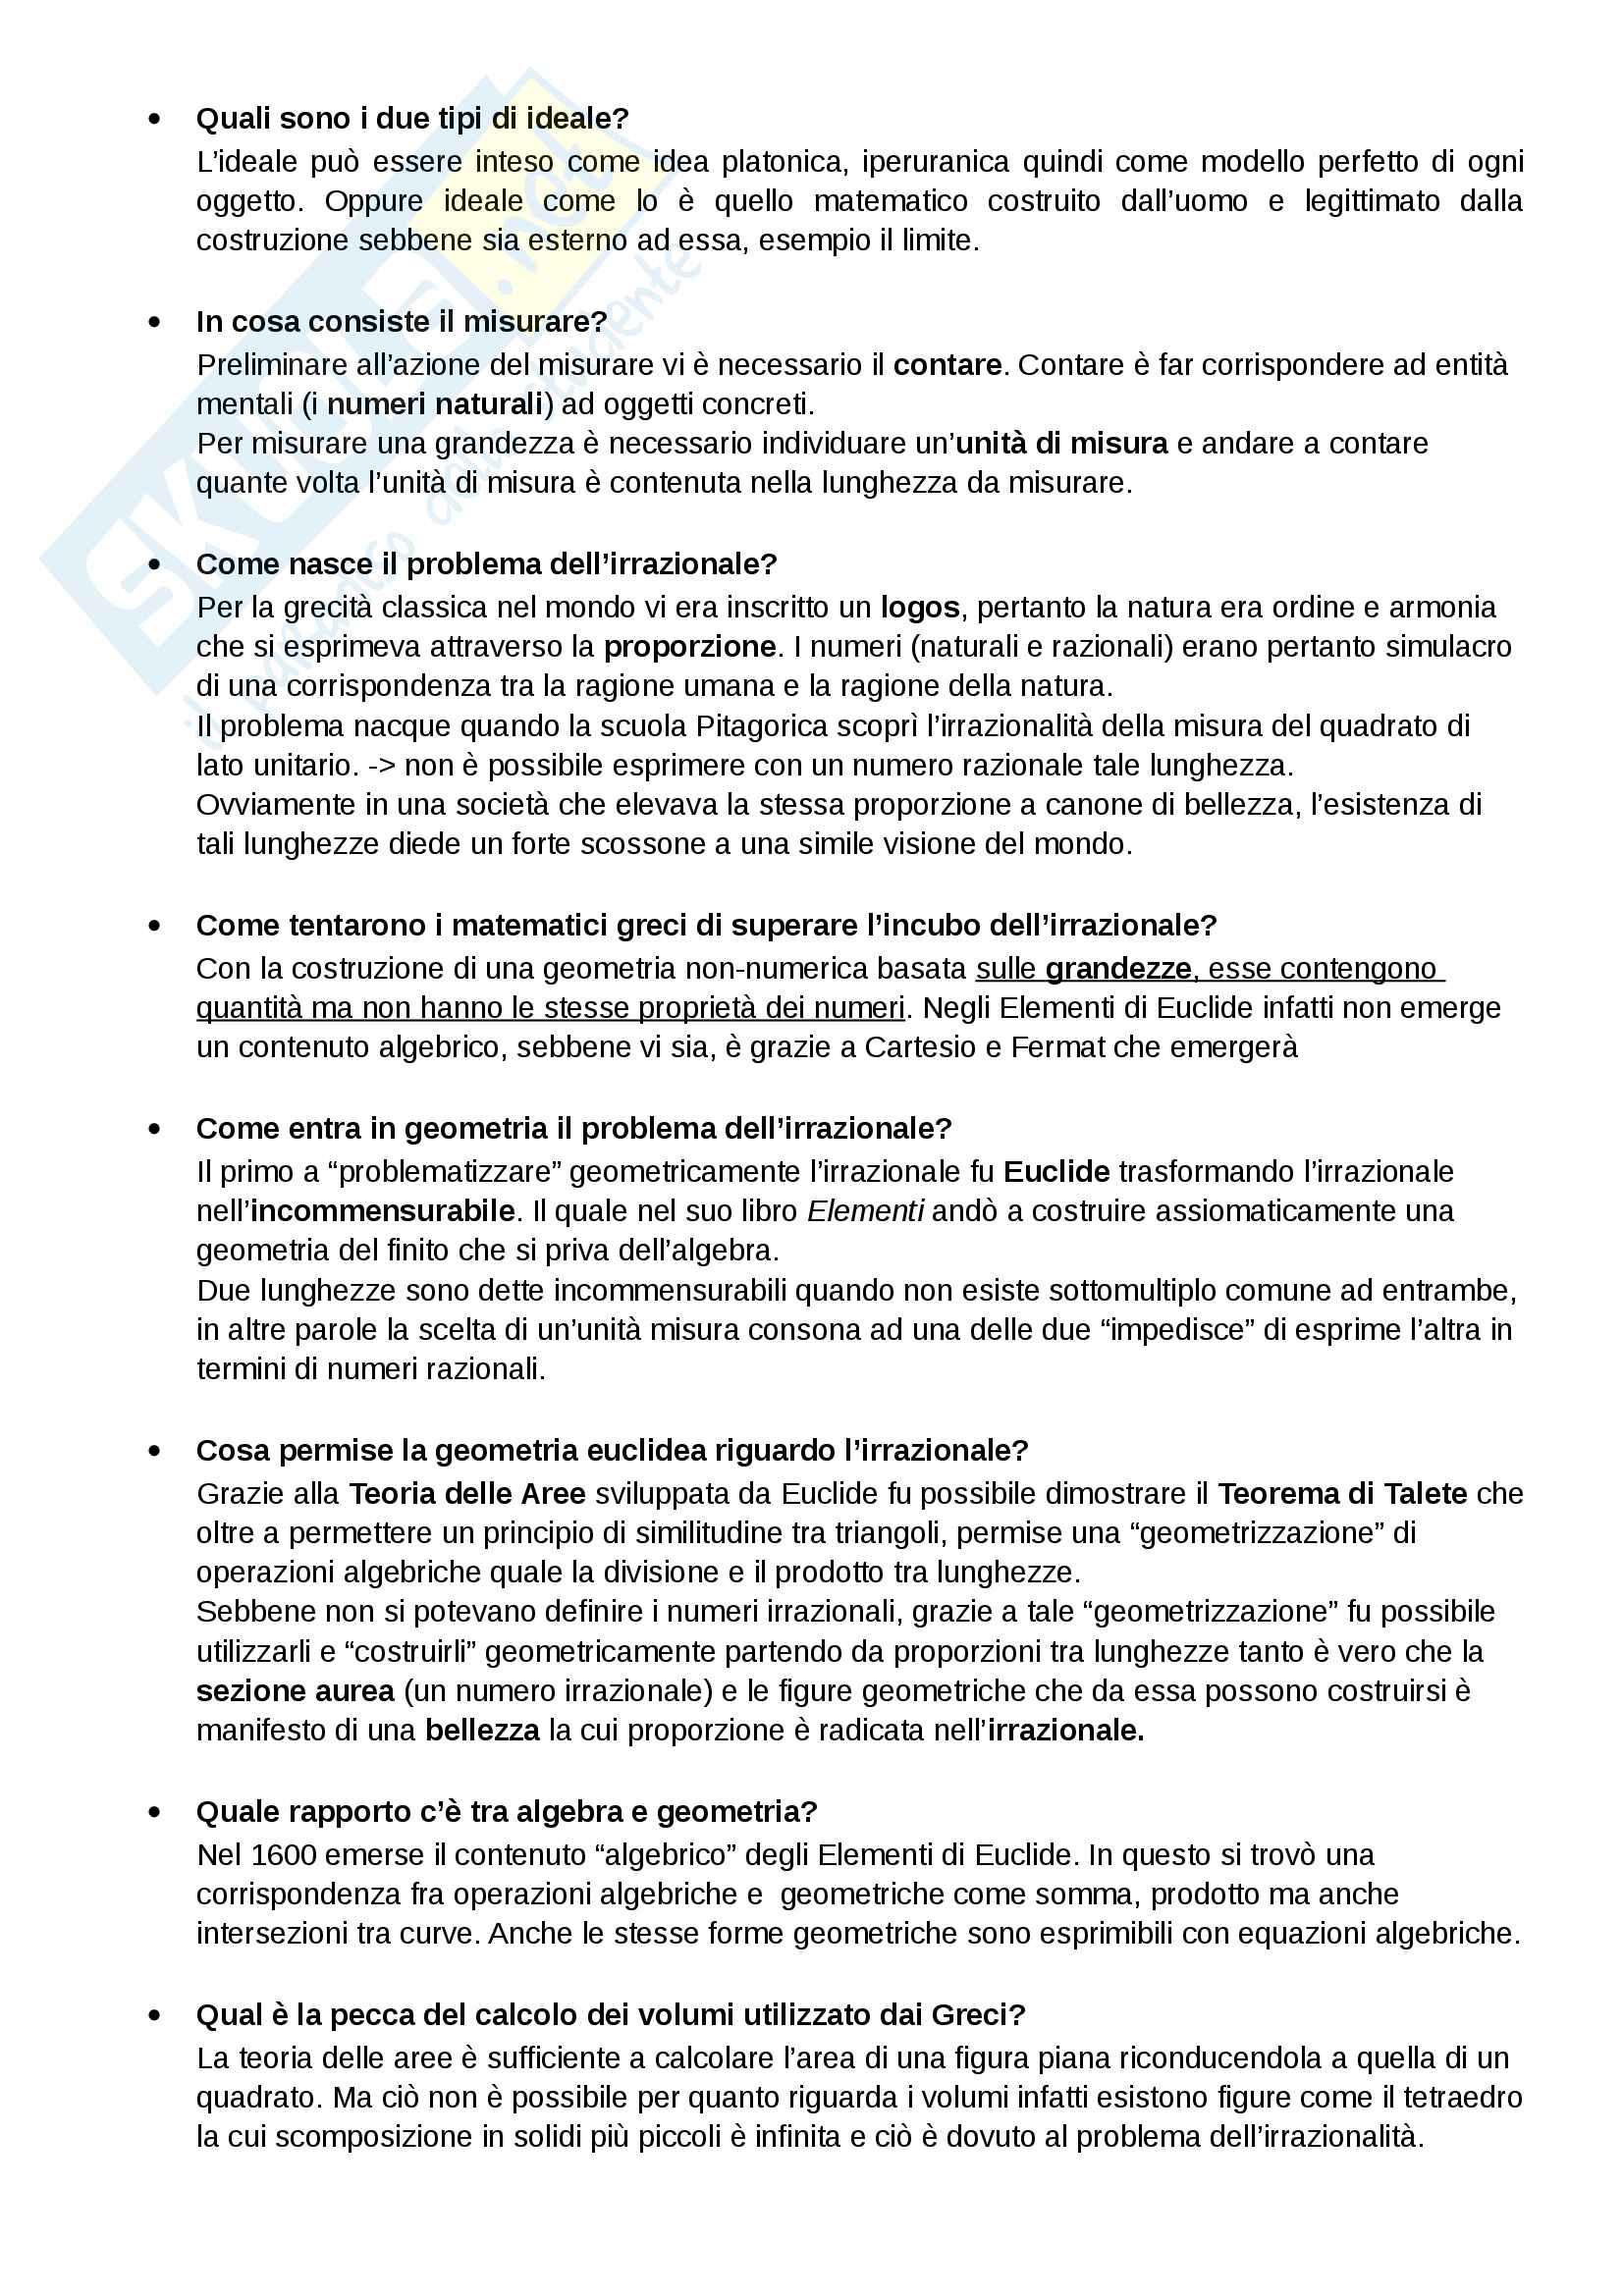 Riassunto esame di Filosofia della Scienza, prof. Lupacchini